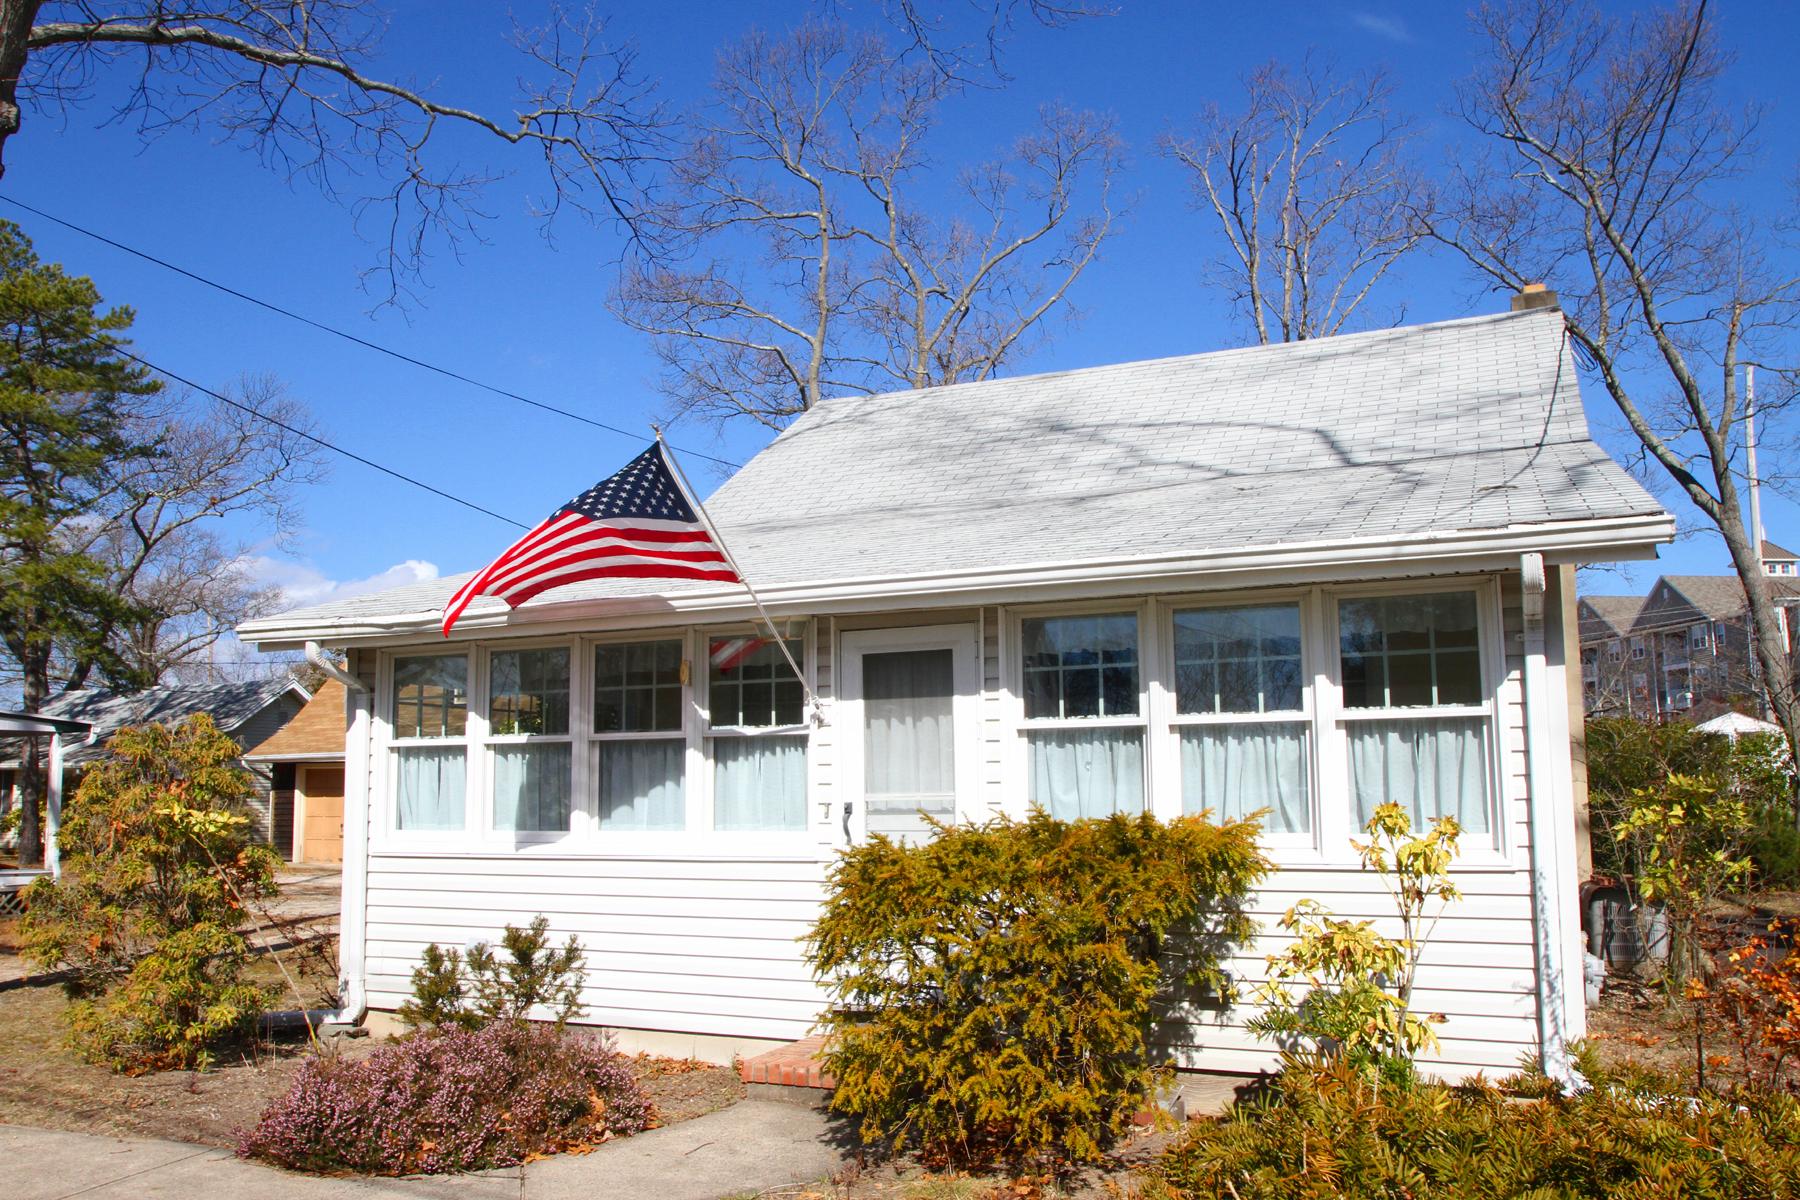 Частный односемейный дом для того Продажа на Quintessential Seashore Cottage 362 Briar Road Point Pleasant, Нью-Джерси 08742 Соединенные Штаты